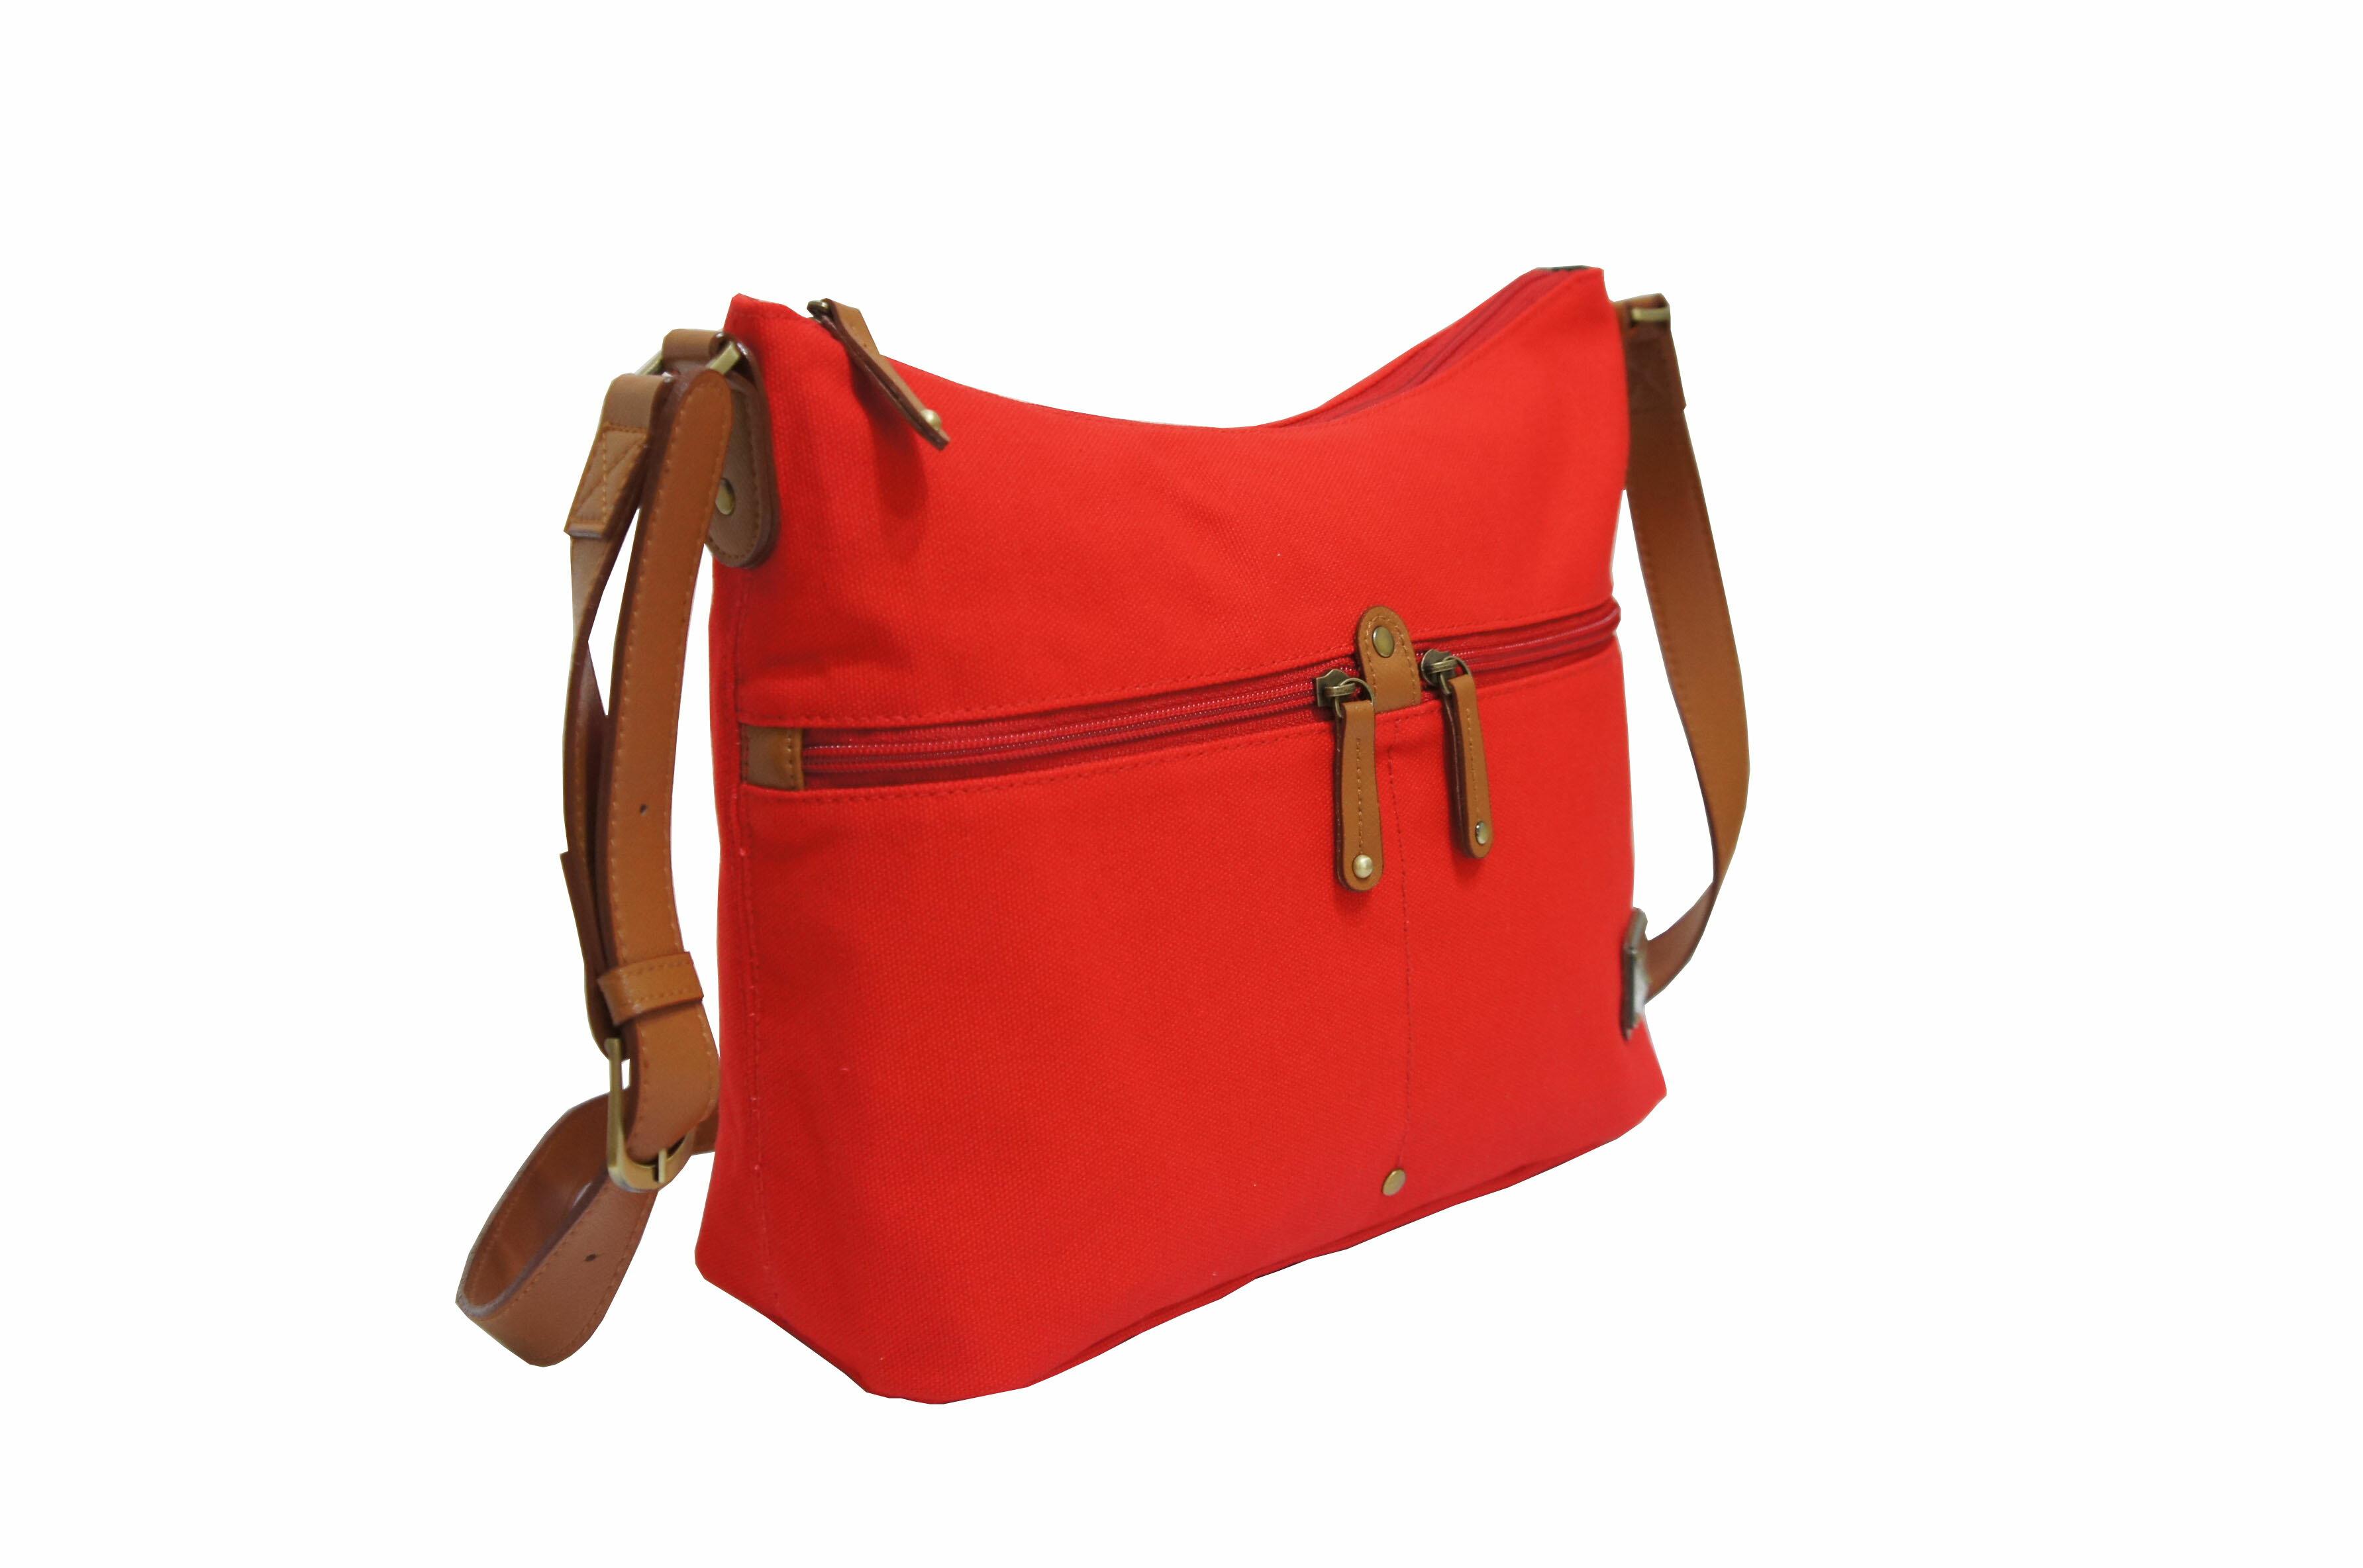 CP024帆布手提肩背包共2色 紅/馬卡龍綠 2